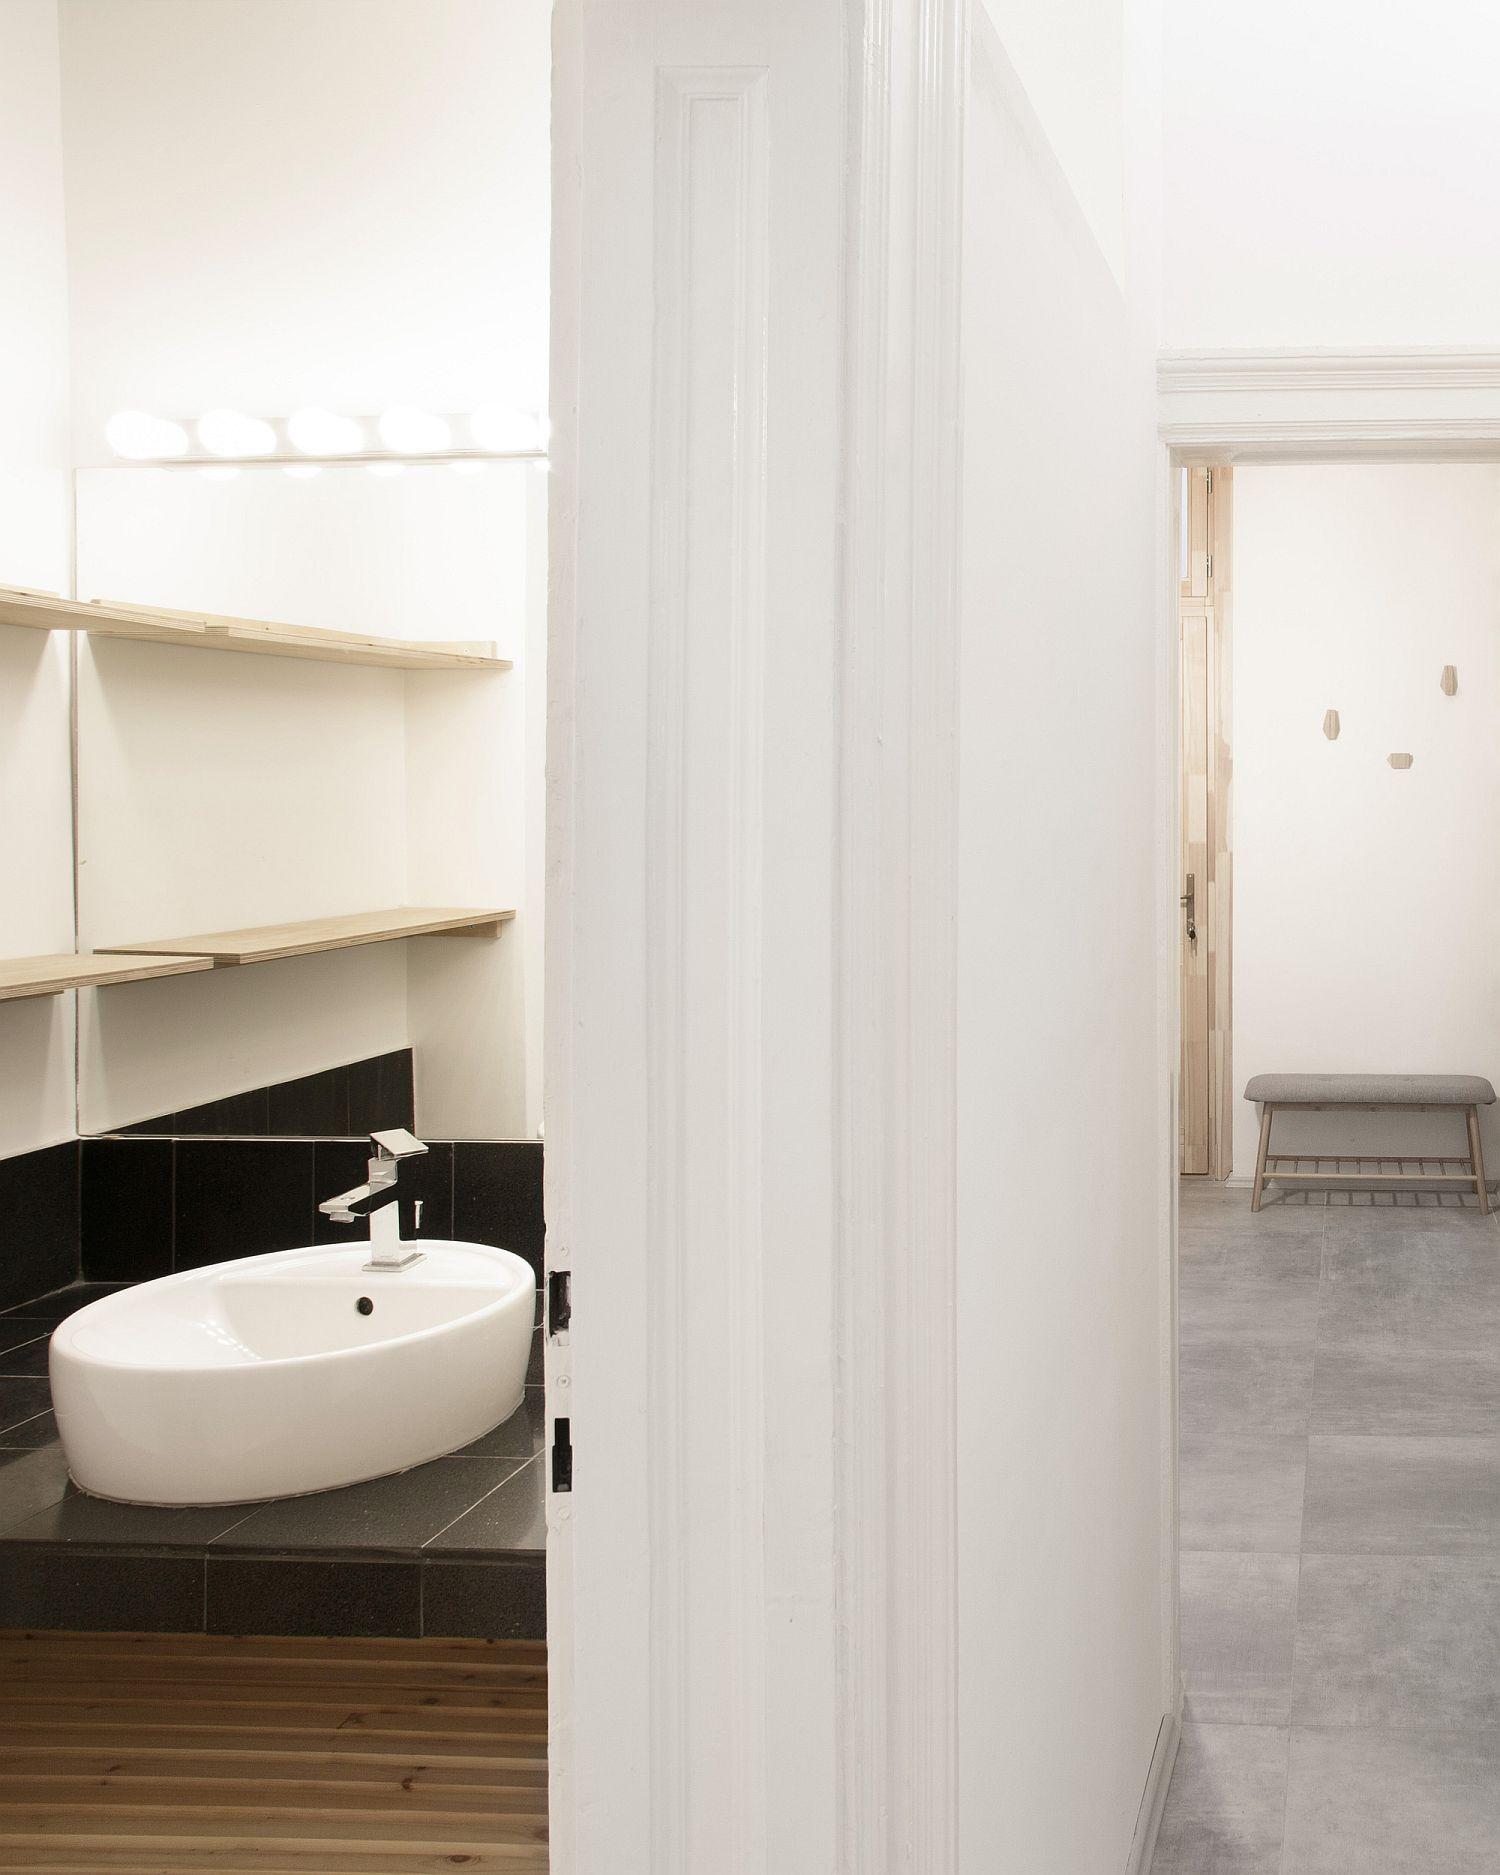 Hình ảnh kệ mở gắn tường cạnh bồn rửa mặt cung cấp không gian lưu trữ gọn đẹp trong phòng tắm.